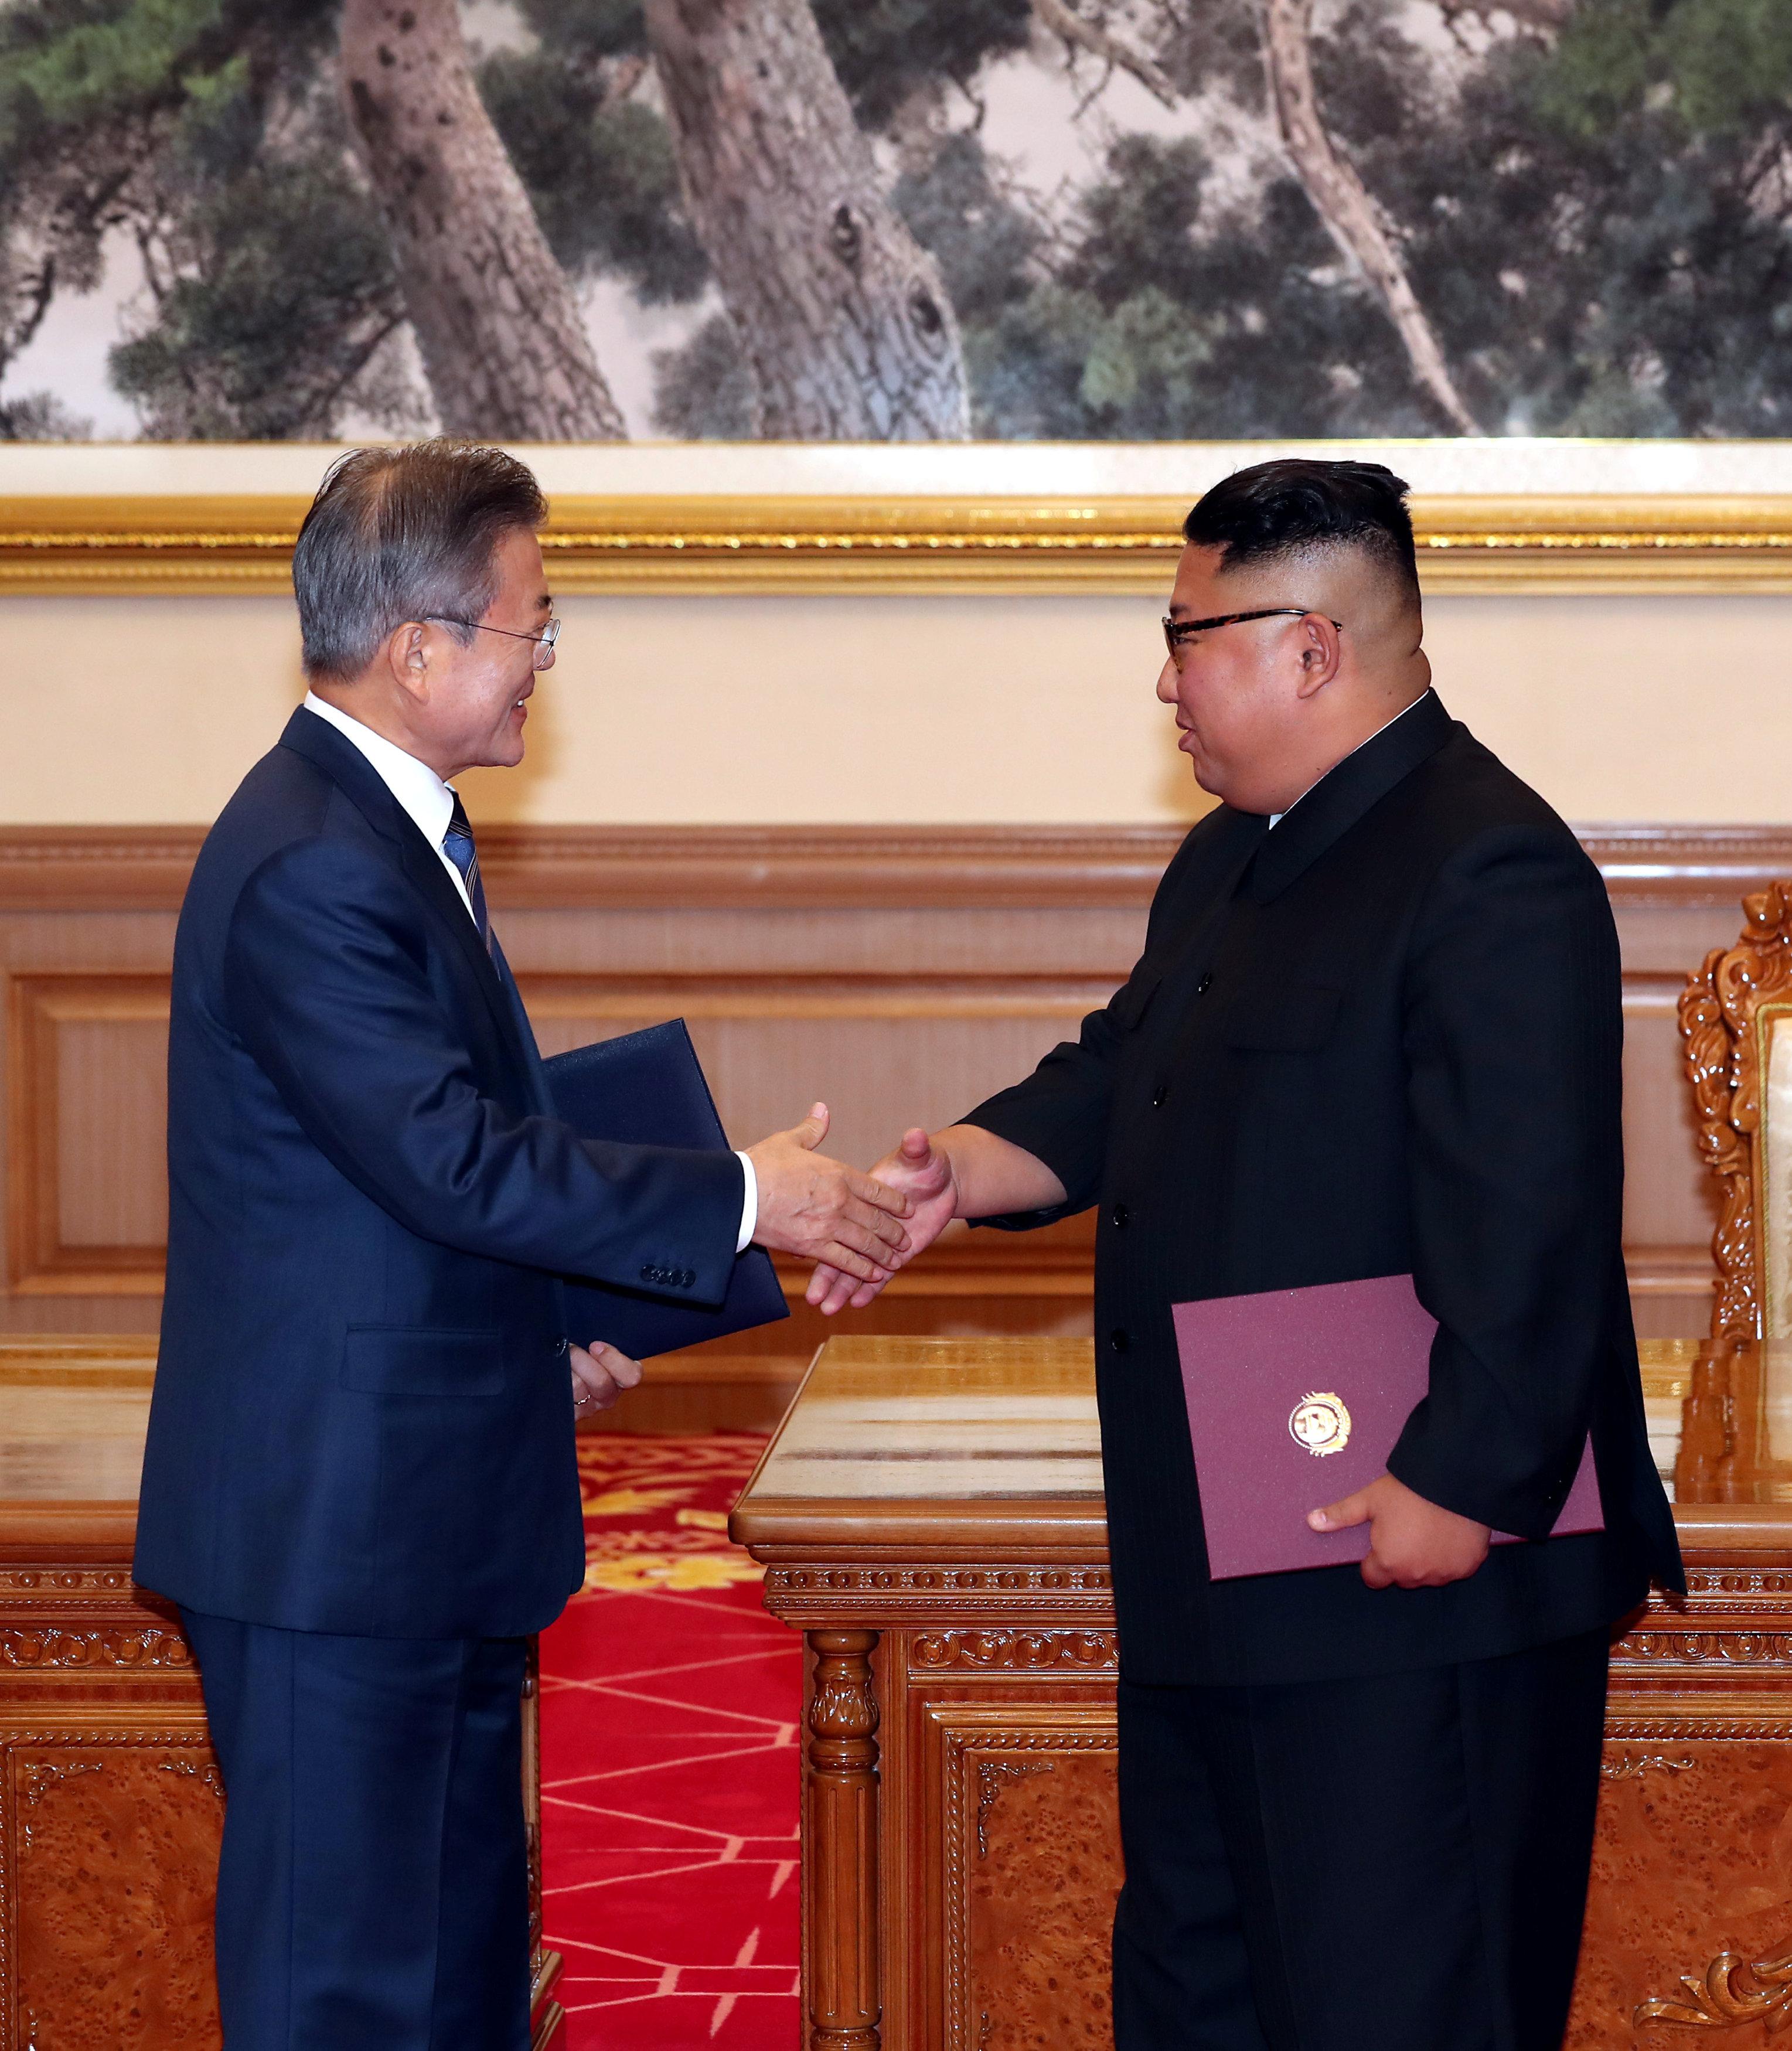 زعيما الكوريتين وقعا عدد من الاتفاق حول نزع السلاح النووى